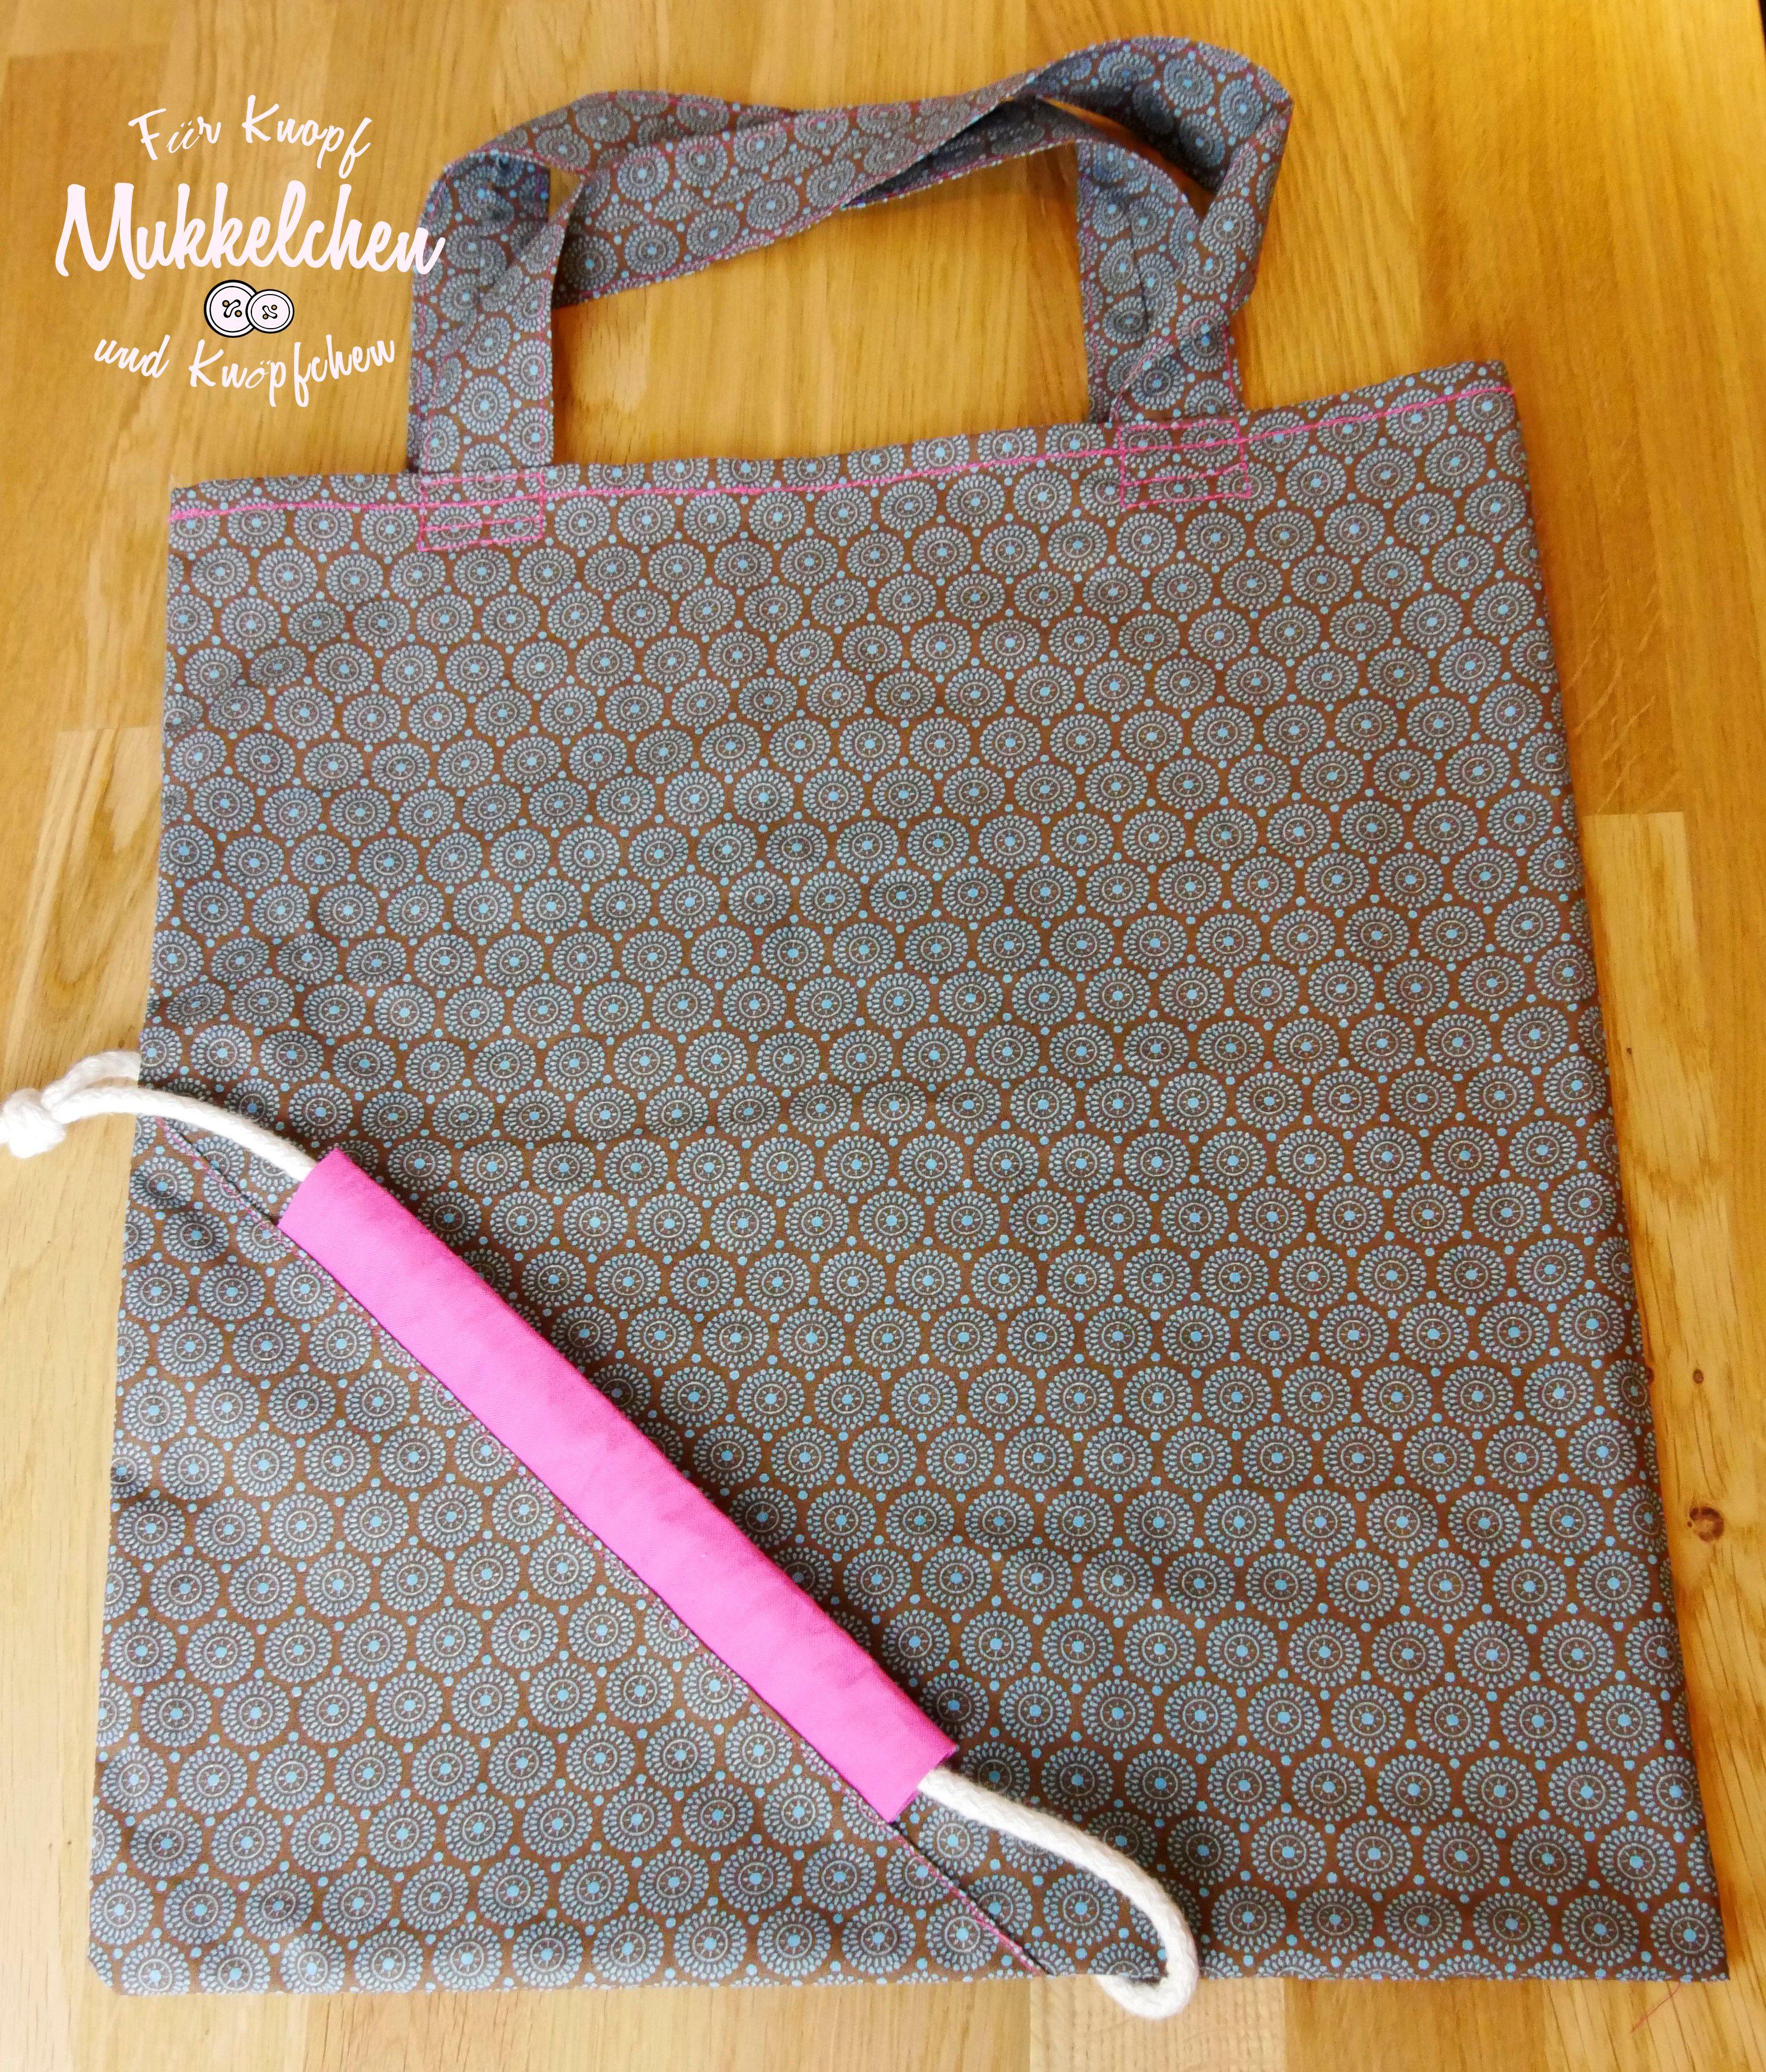 100 tolle Taschen-Schnittmuster | Nähen, Einkaufstaschen und Taschen ...